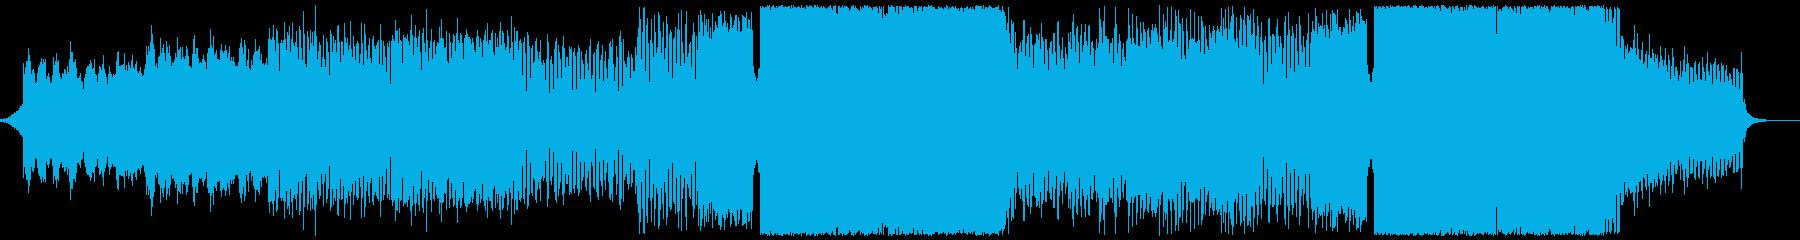 切ないイントロから疾走感MaxなEDMの再生済みの波形